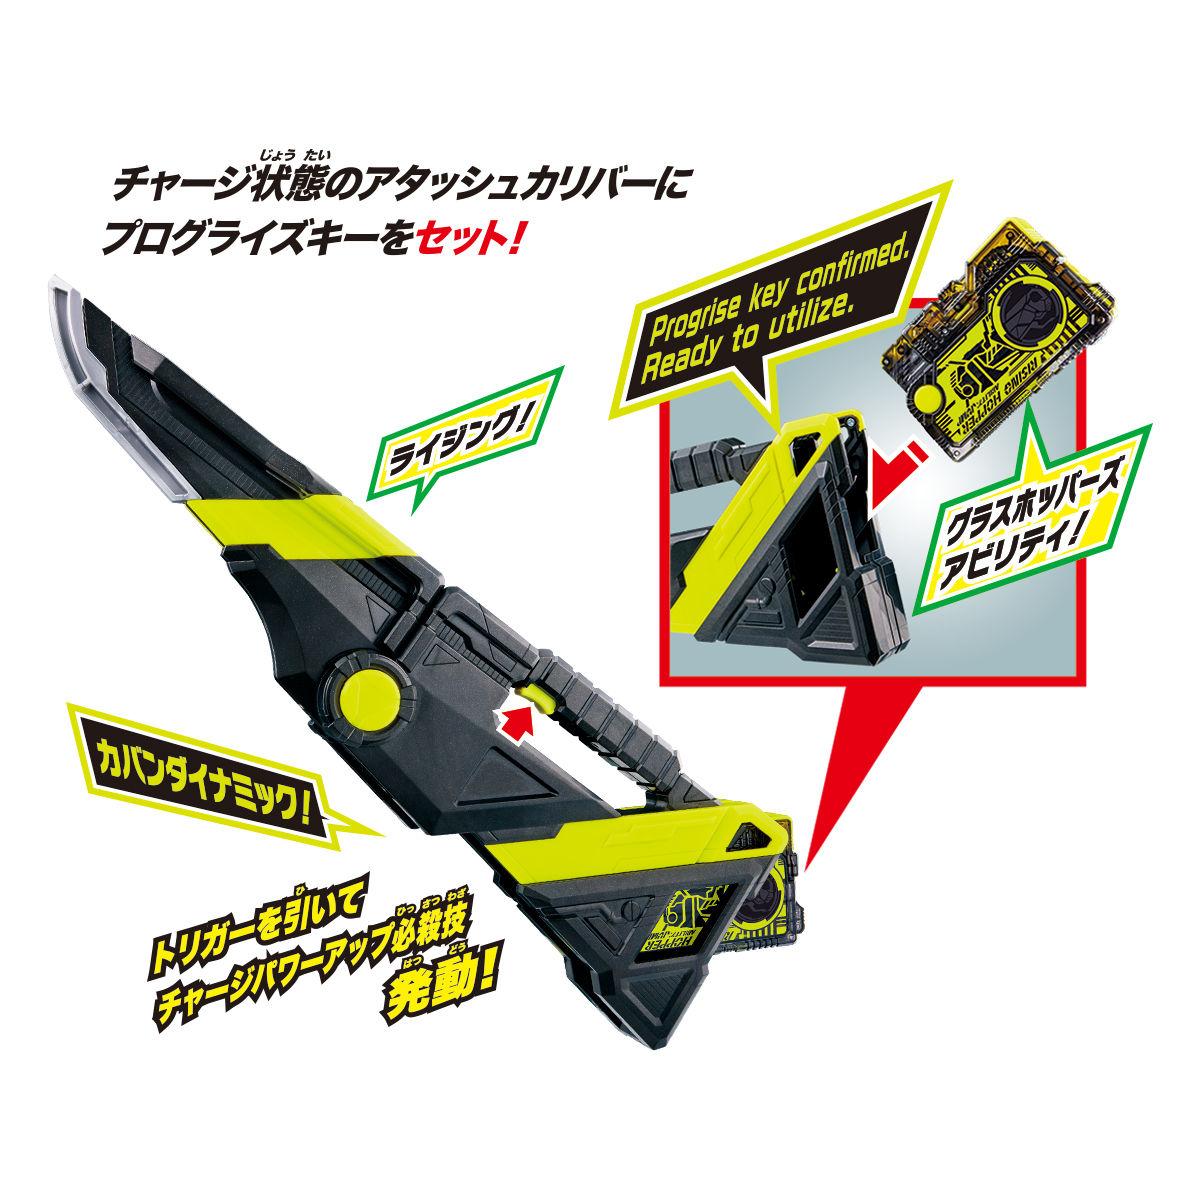 仮面ライダーゼロワン『DXアタッシュカリバー』変身なりきり-005